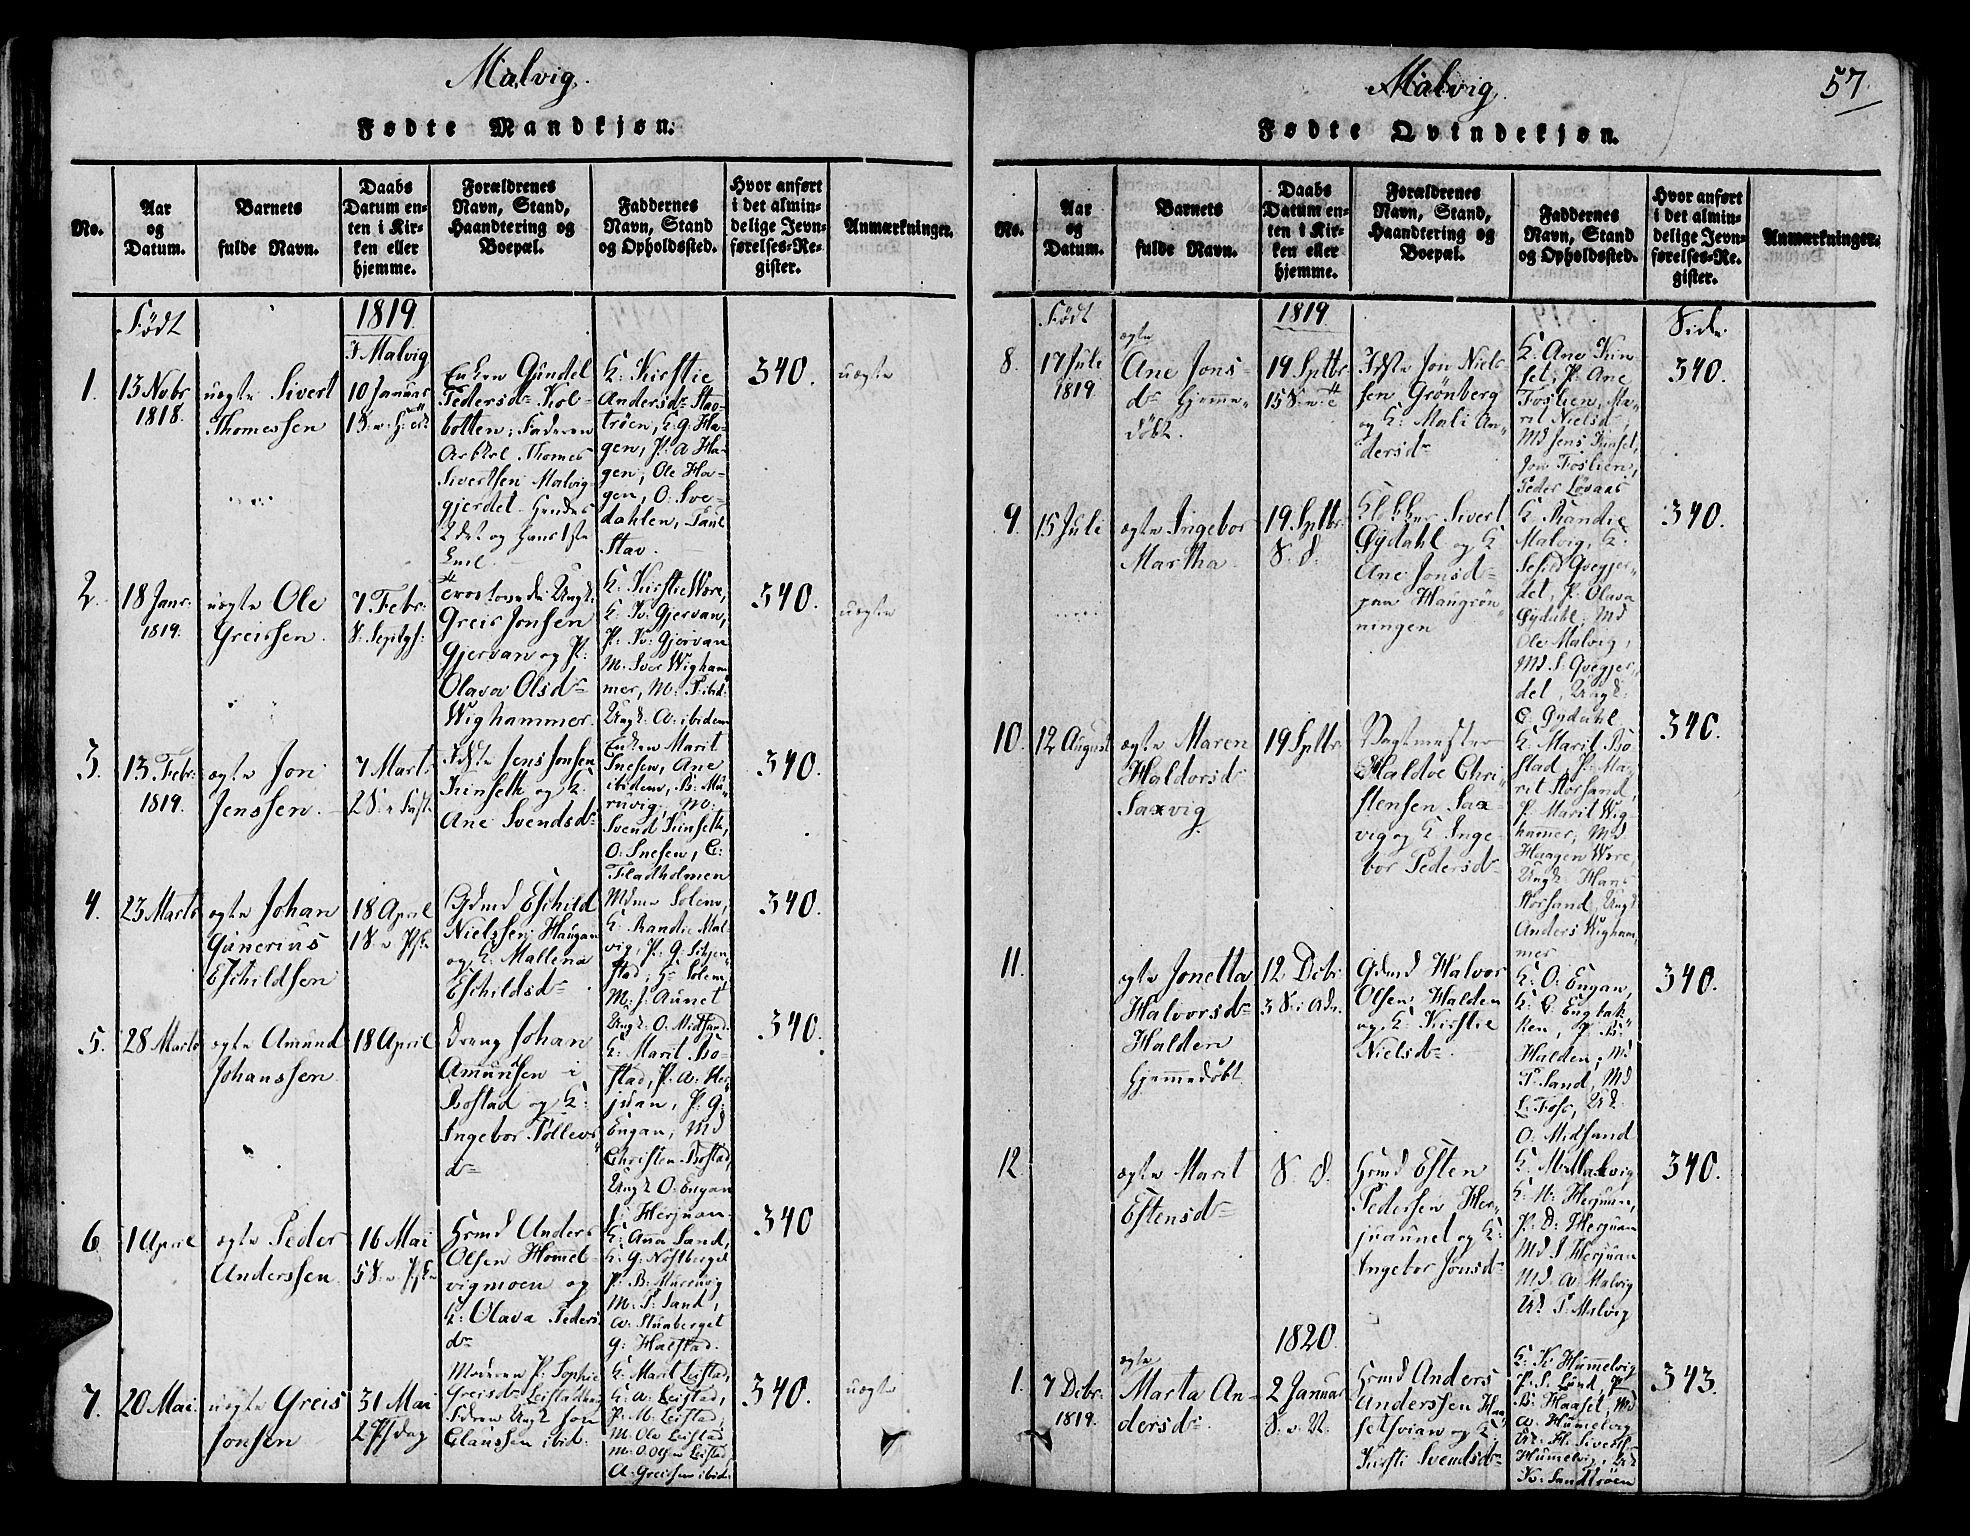 SAT, Ministerialprotokoller, klokkerbøker og fødselsregistre - Sør-Trøndelag, 606/L0284: Ministerialbok nr. 606A03 /2, 1819-1823, s. 57